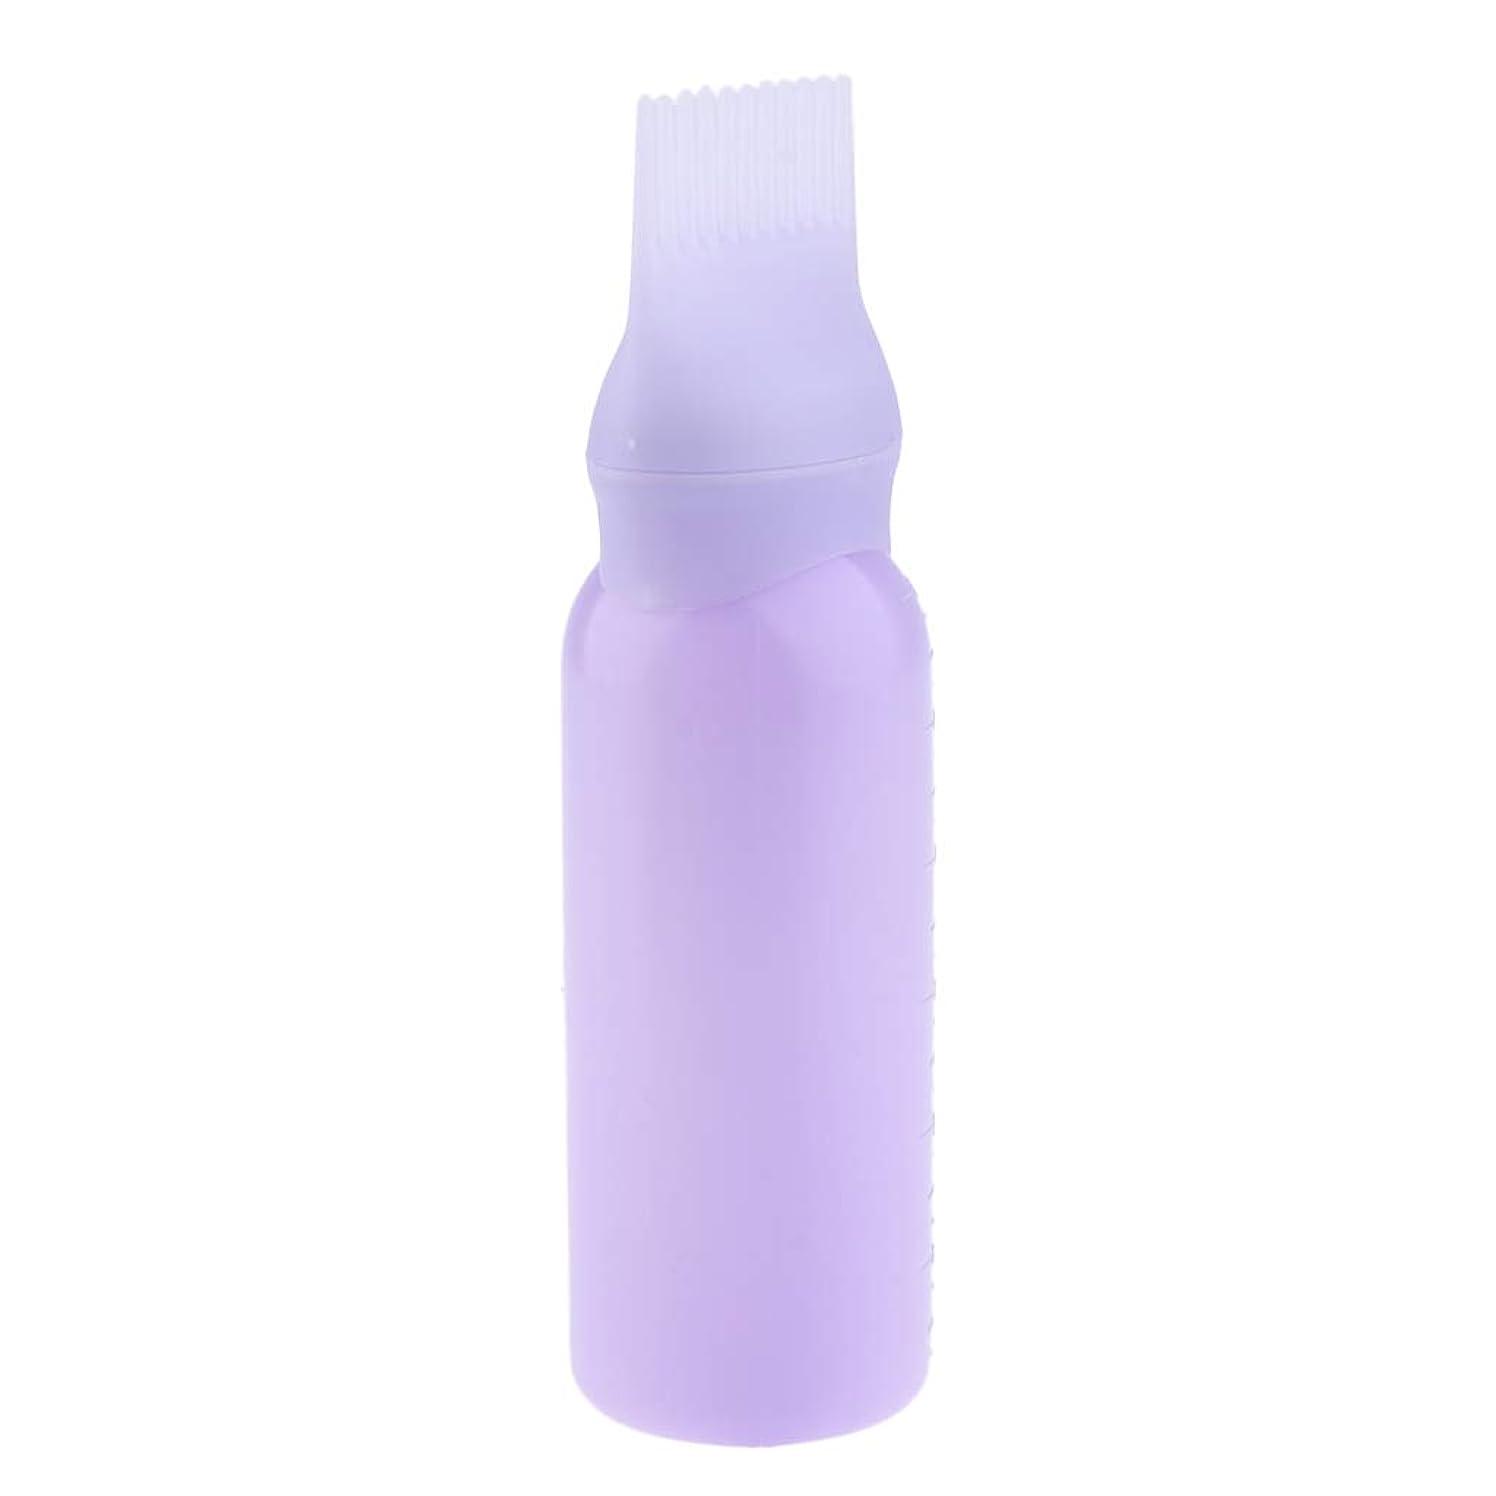 上陸嘆く種類ヘアダイボトル ヘアカラー ヘア染色 ディスペンサー アプリケーター 3色選べ - 紫